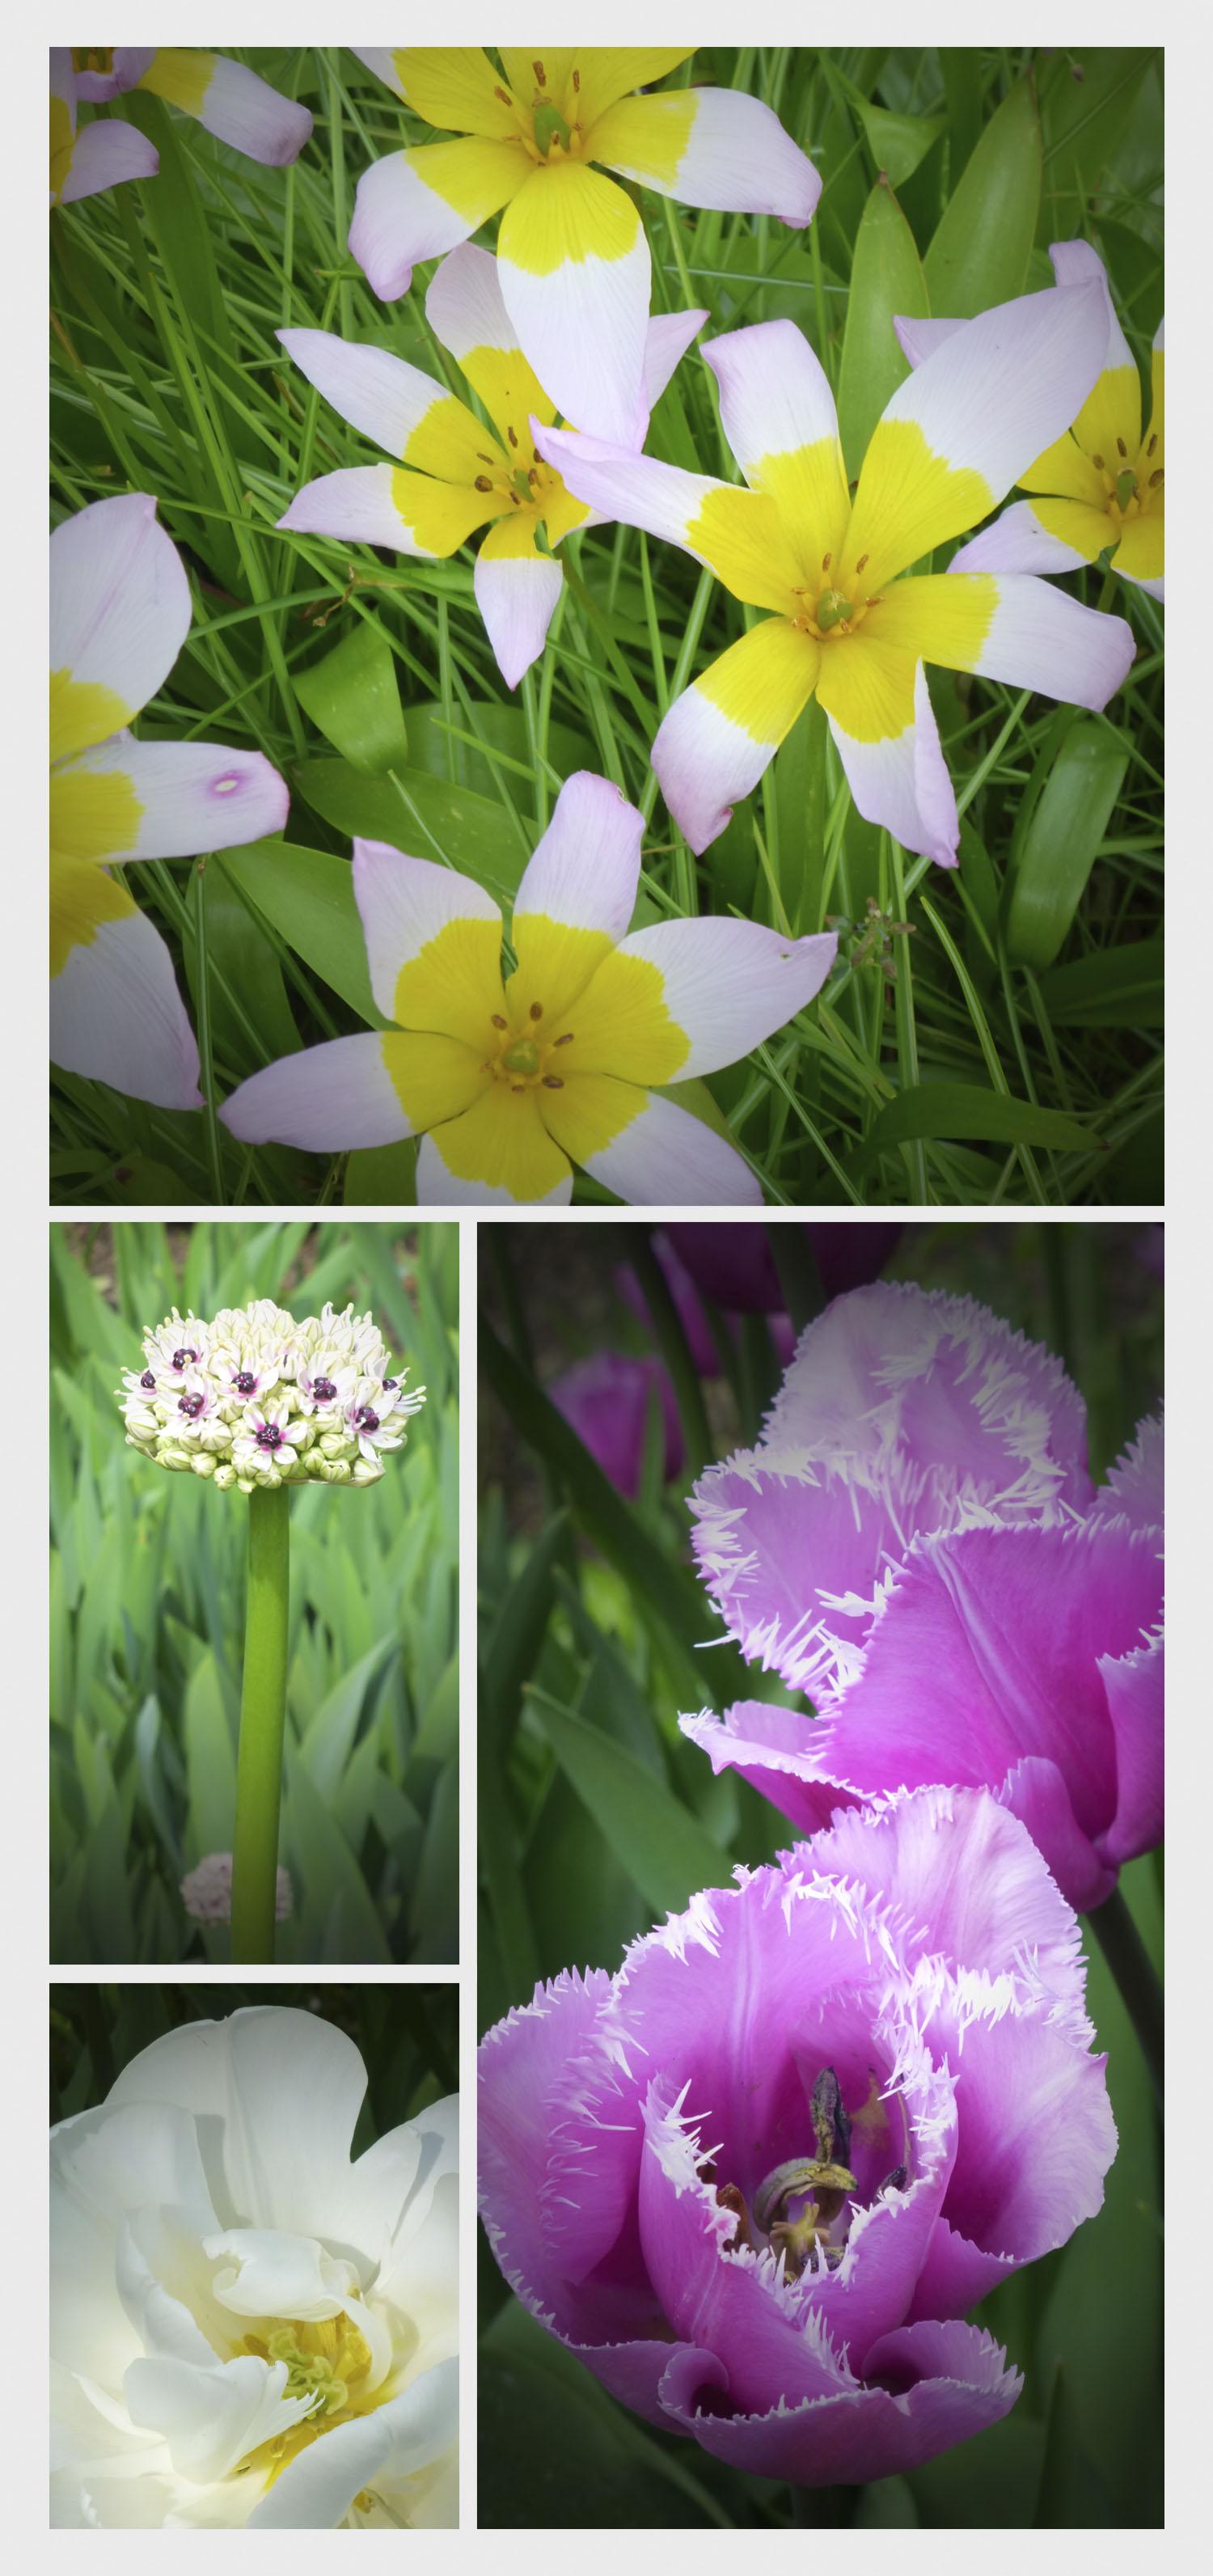 Sissinghurst_floral